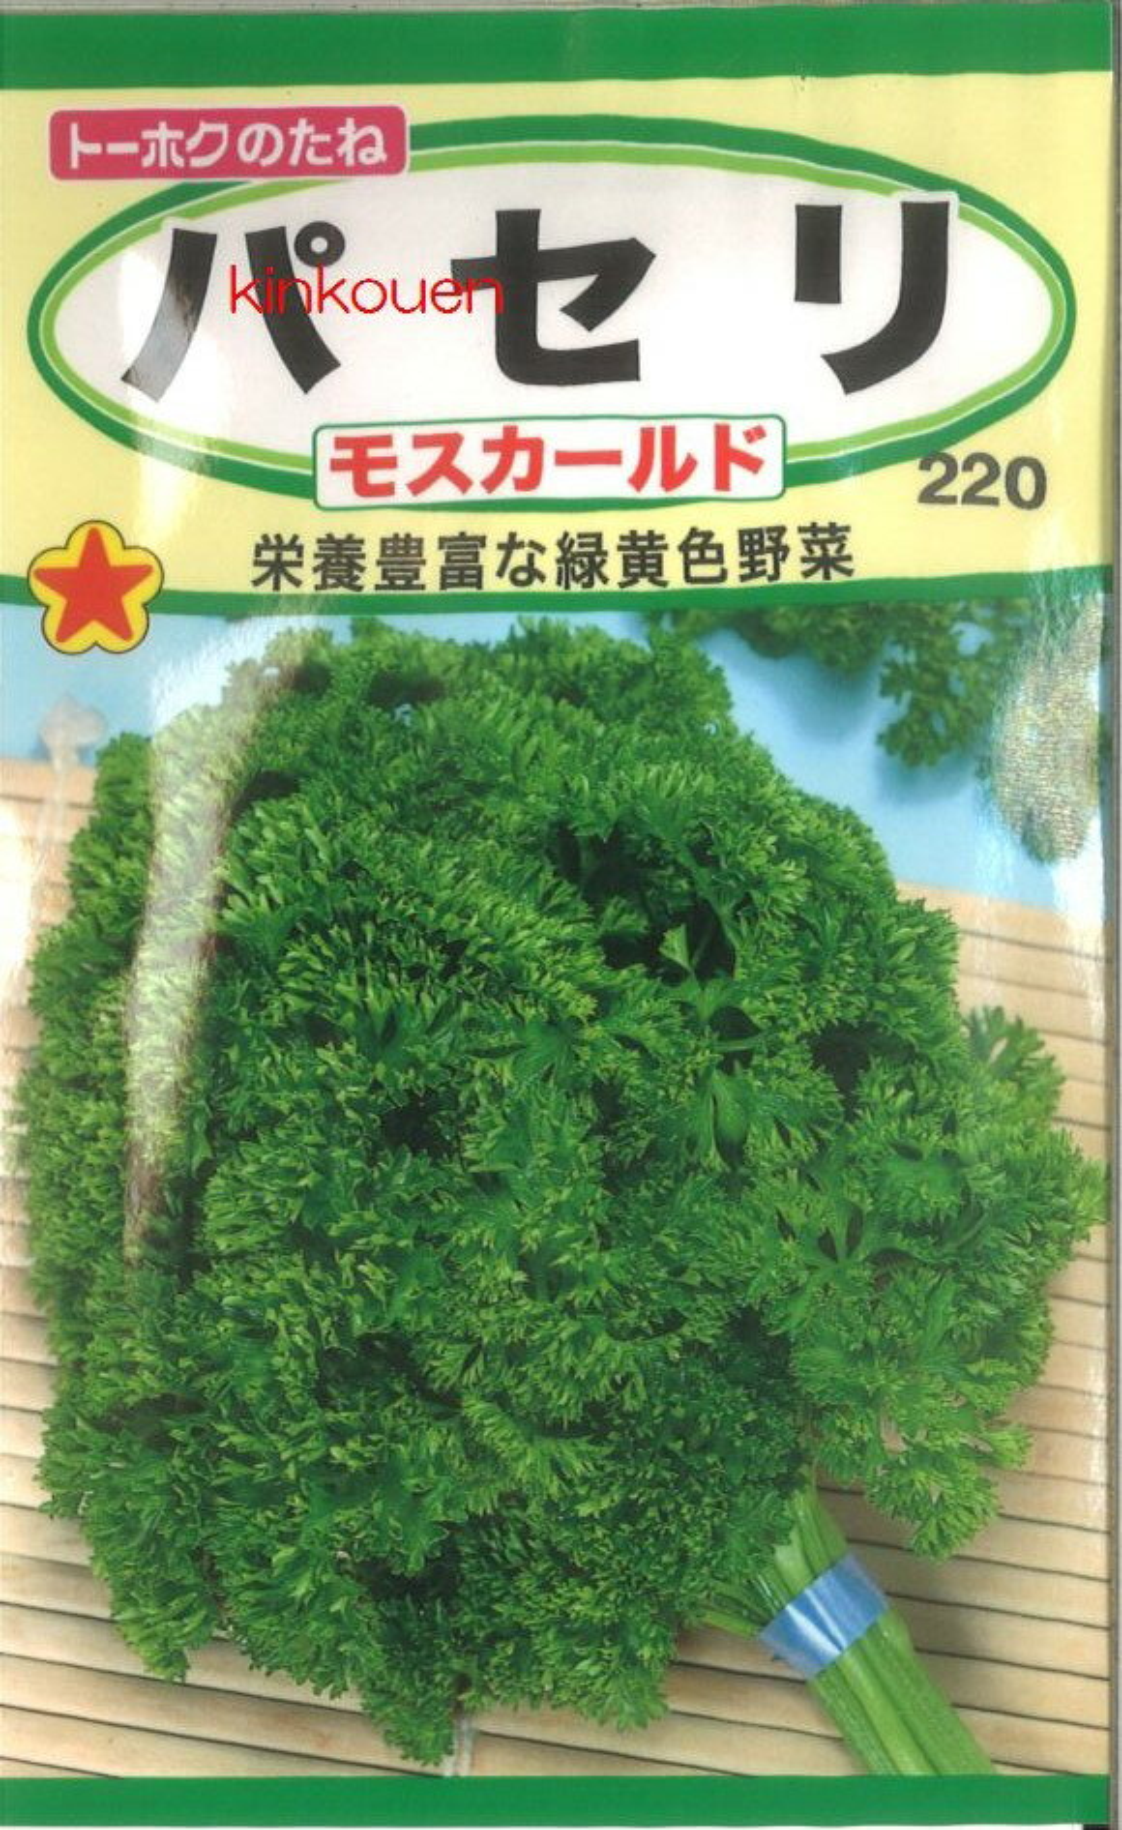 【代引不可】【5袋まで送料80円】 □パセリーモスカールド